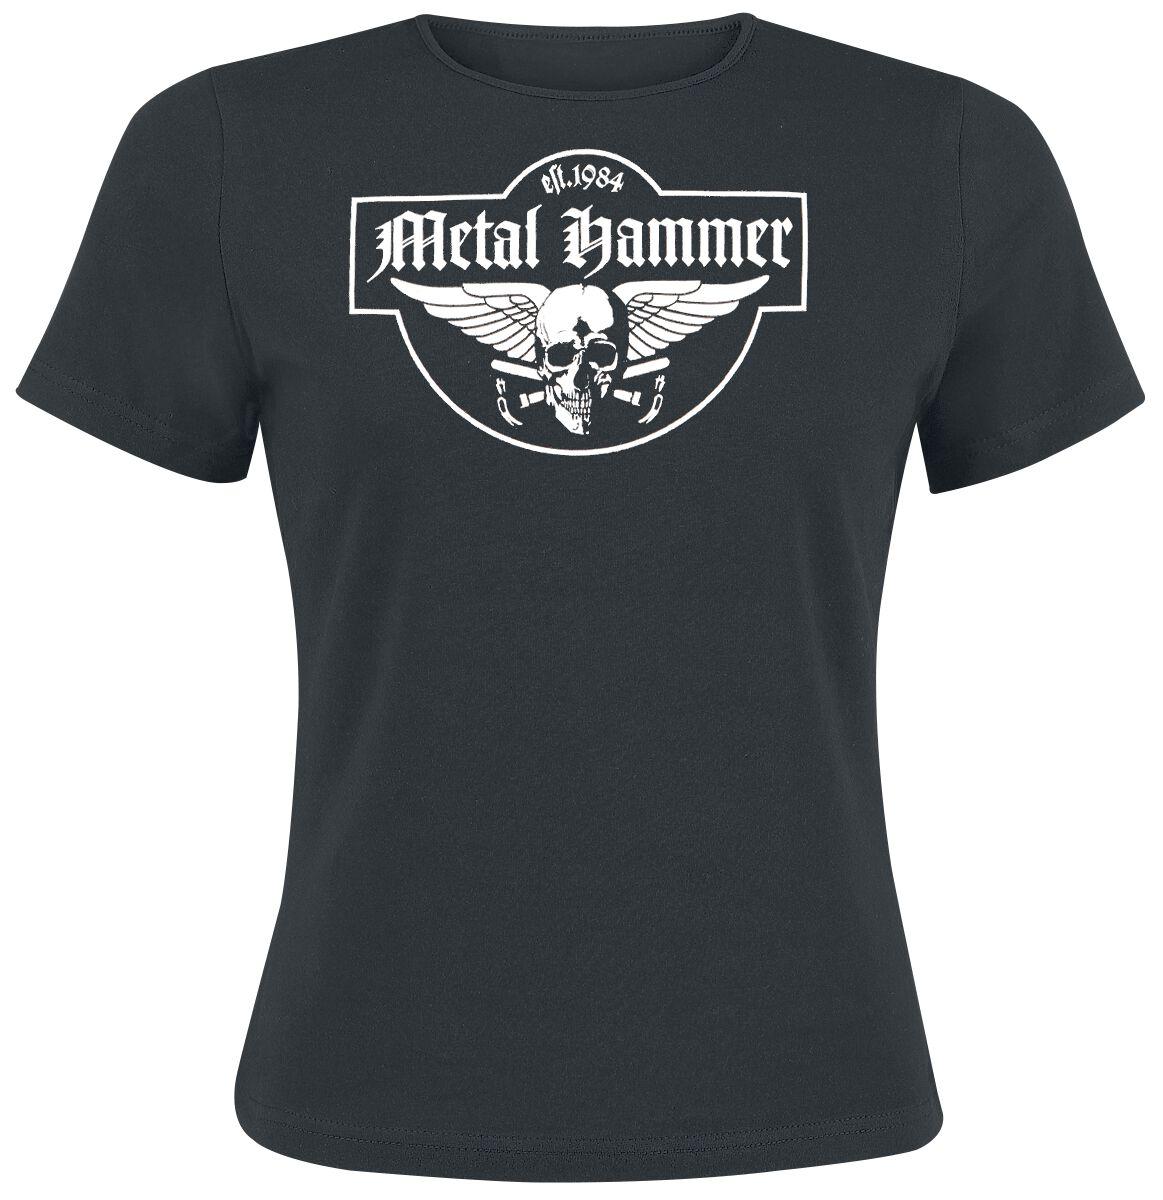 Metal Hammer Skully Koszulka damska czarny